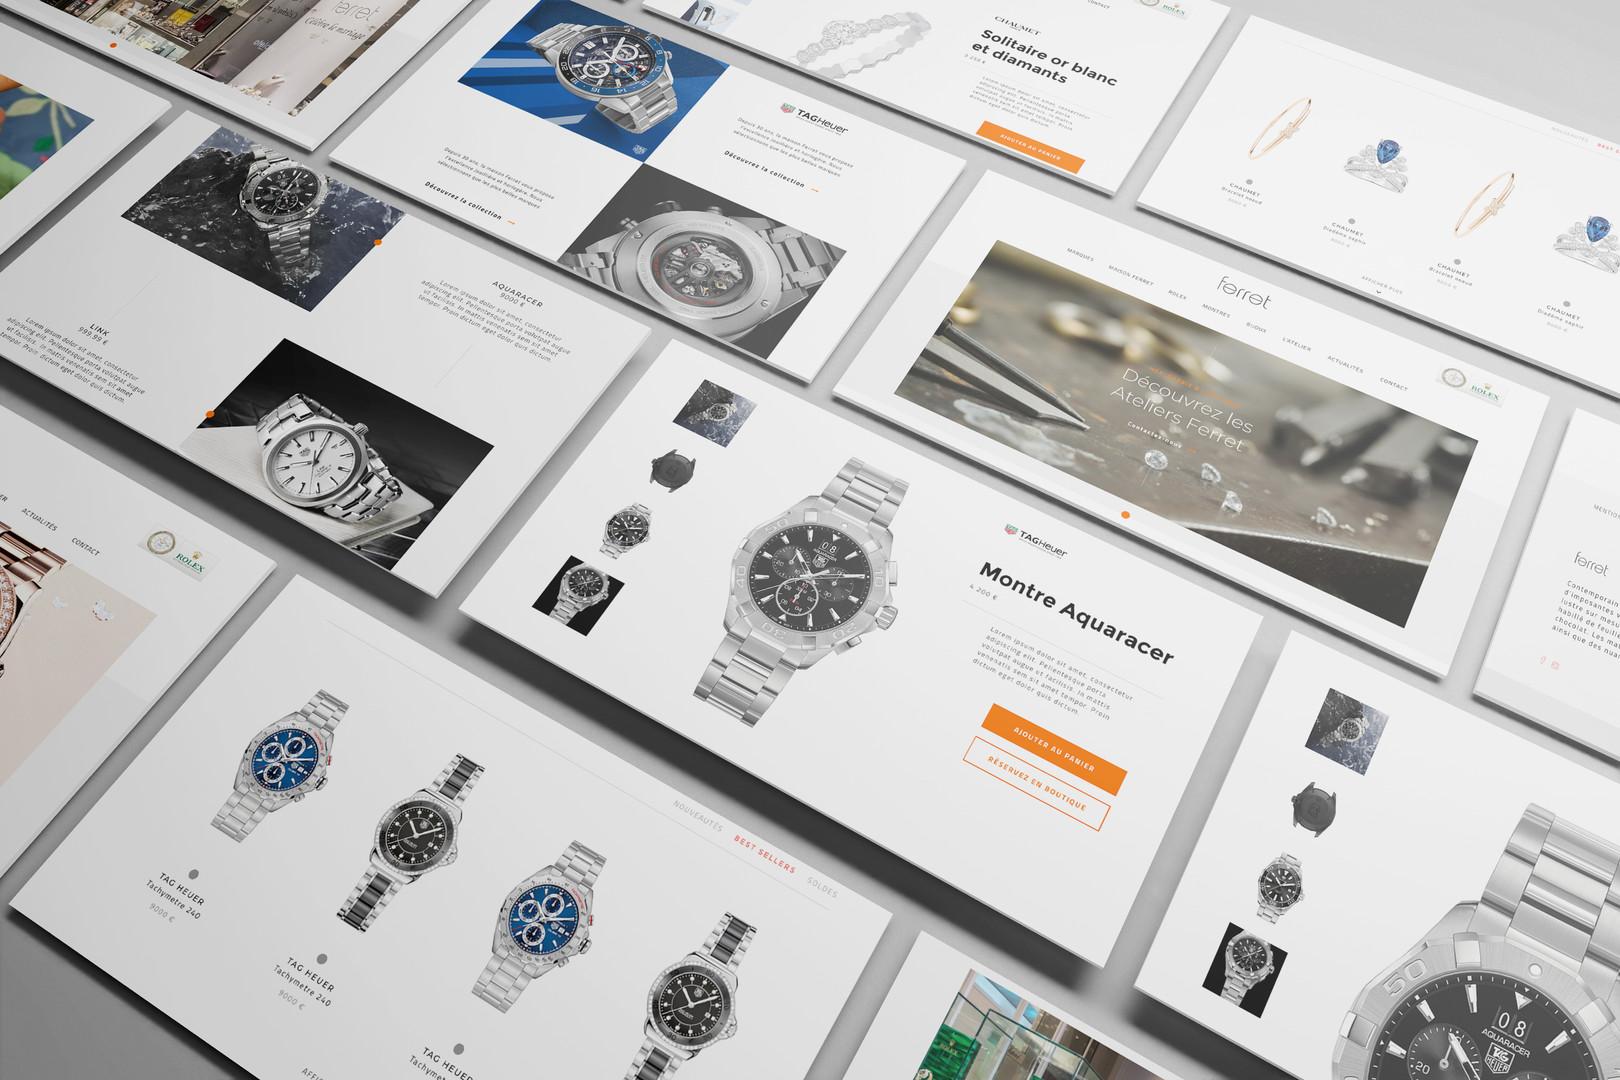 webdesign-ferret2.jpg